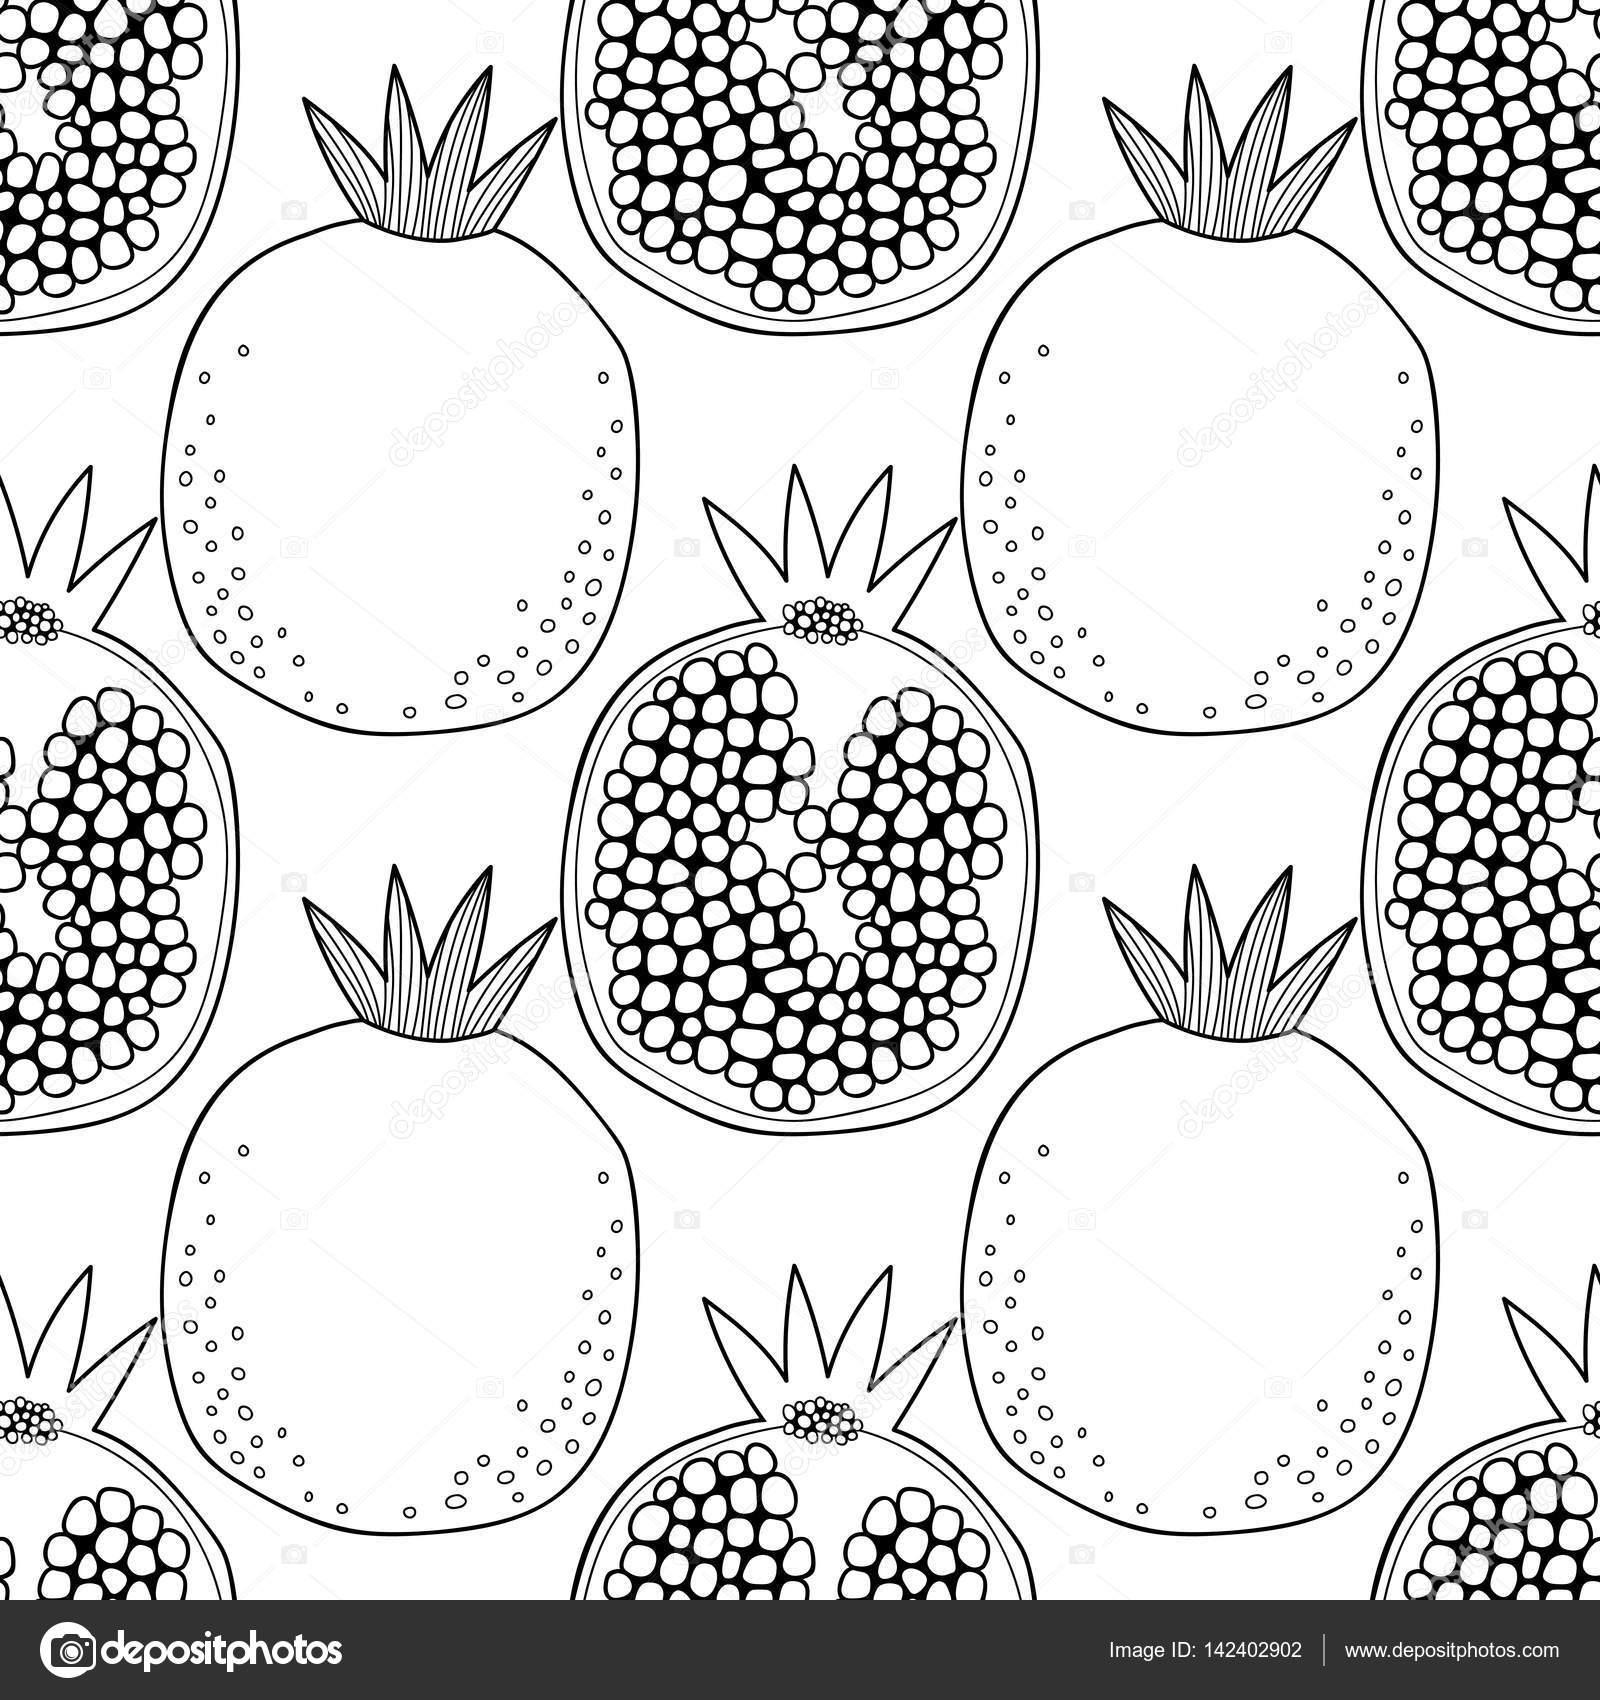 塗り絵のザクロと黒と白のシームレスなパターン果物背景 ストック